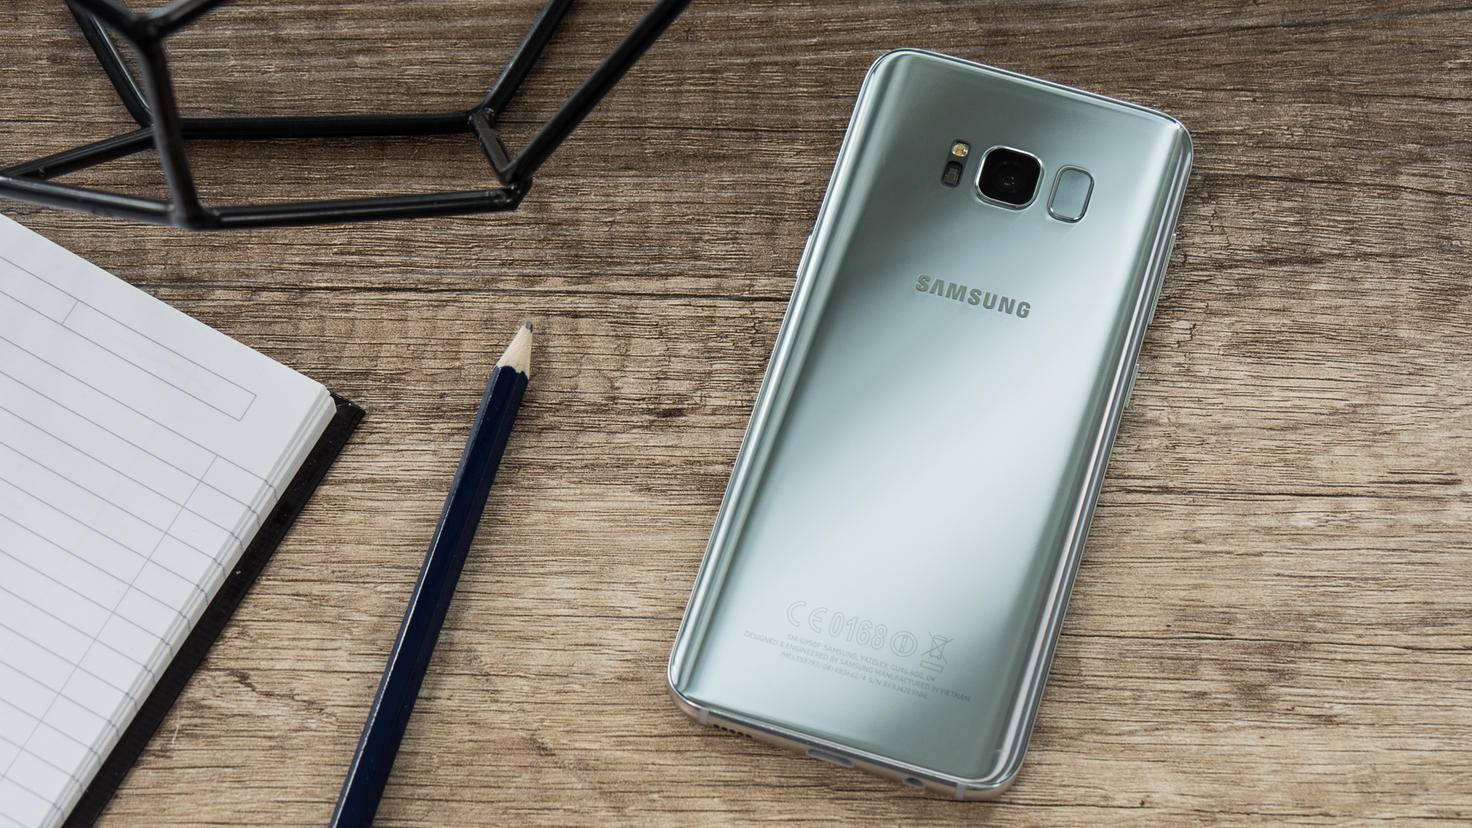 Samsung-Galaxy-S8-5